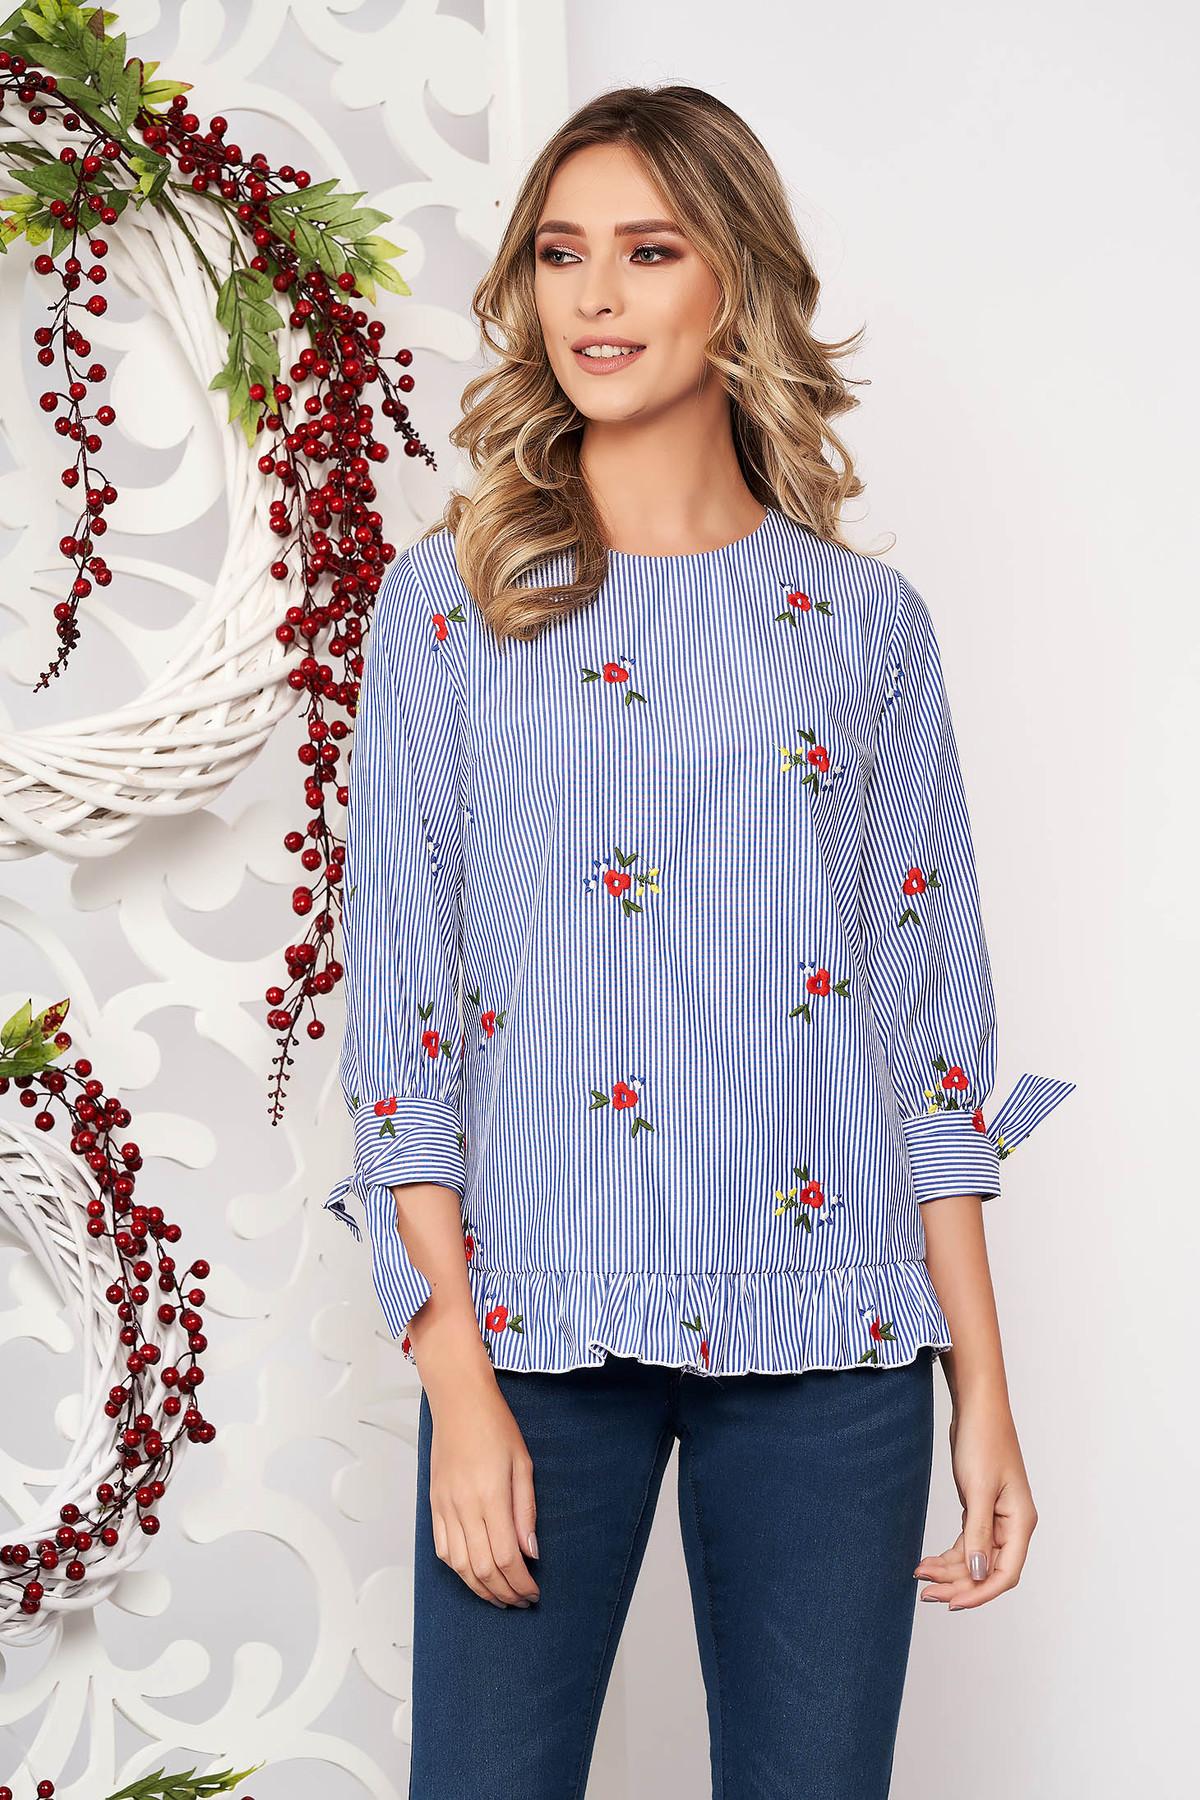 Bluza dama Artista albastru-inchis casual cu croi larg cu imprimeuri florale cu volanase